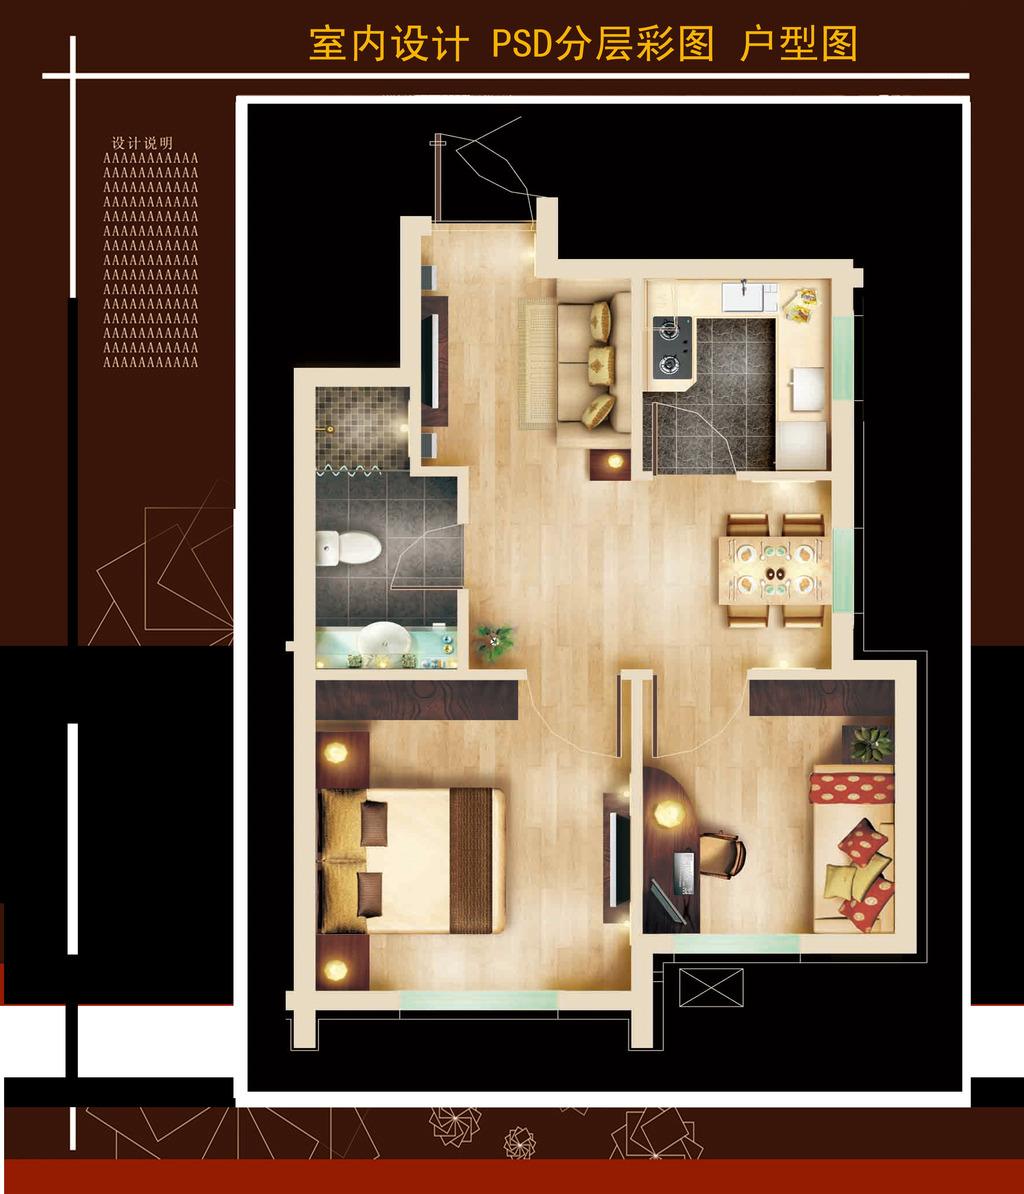 psd户型图图片下载 户型图设计 彩色户型图素材 分层家具 手绘家具